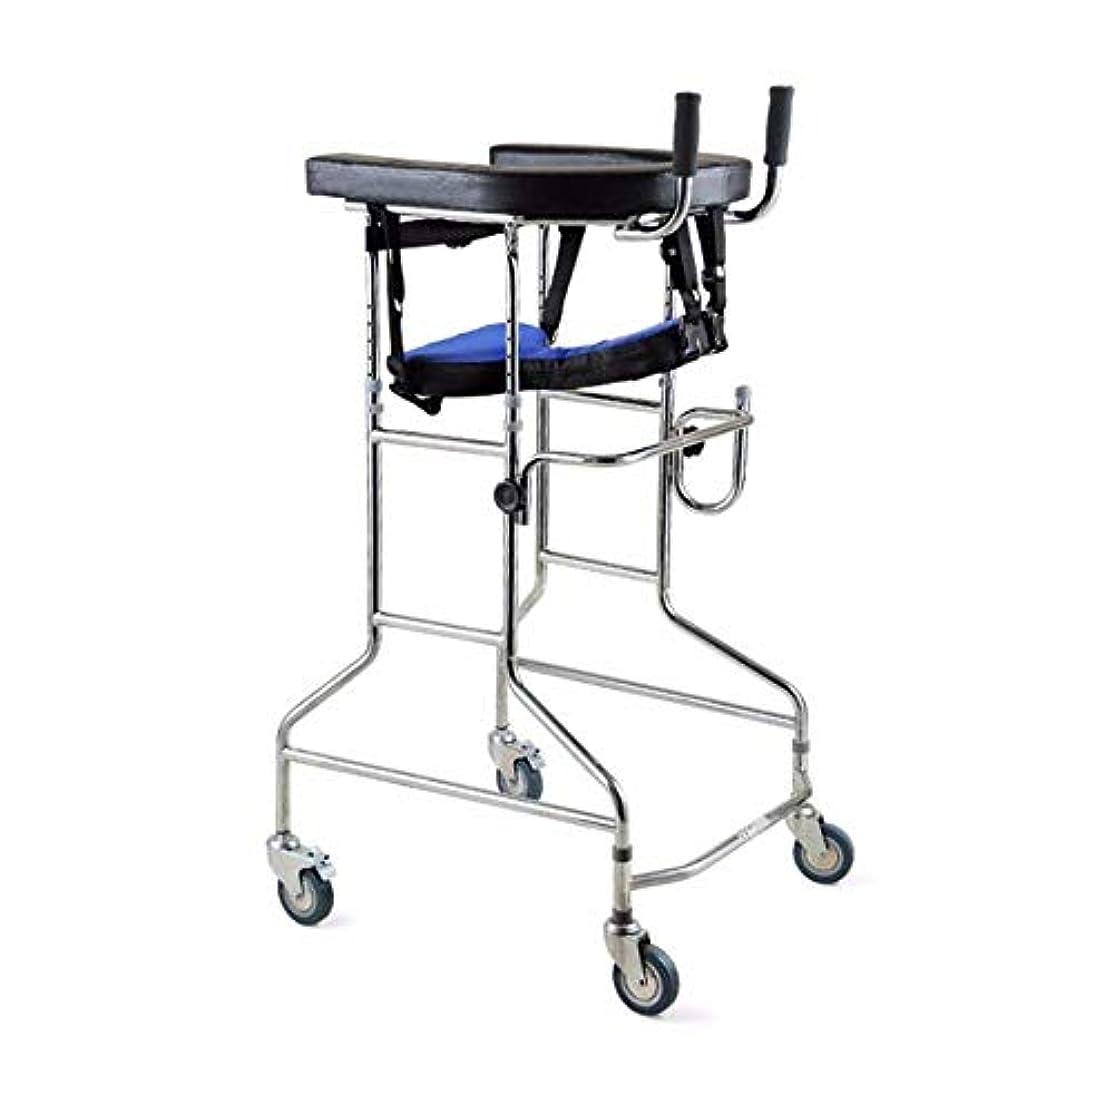 政治家の飲み込むバレルリハビリテーション歩行器、多機能高齢者歩行ブラケット、身体障害者用両腕歩行器 (Color : 黒)